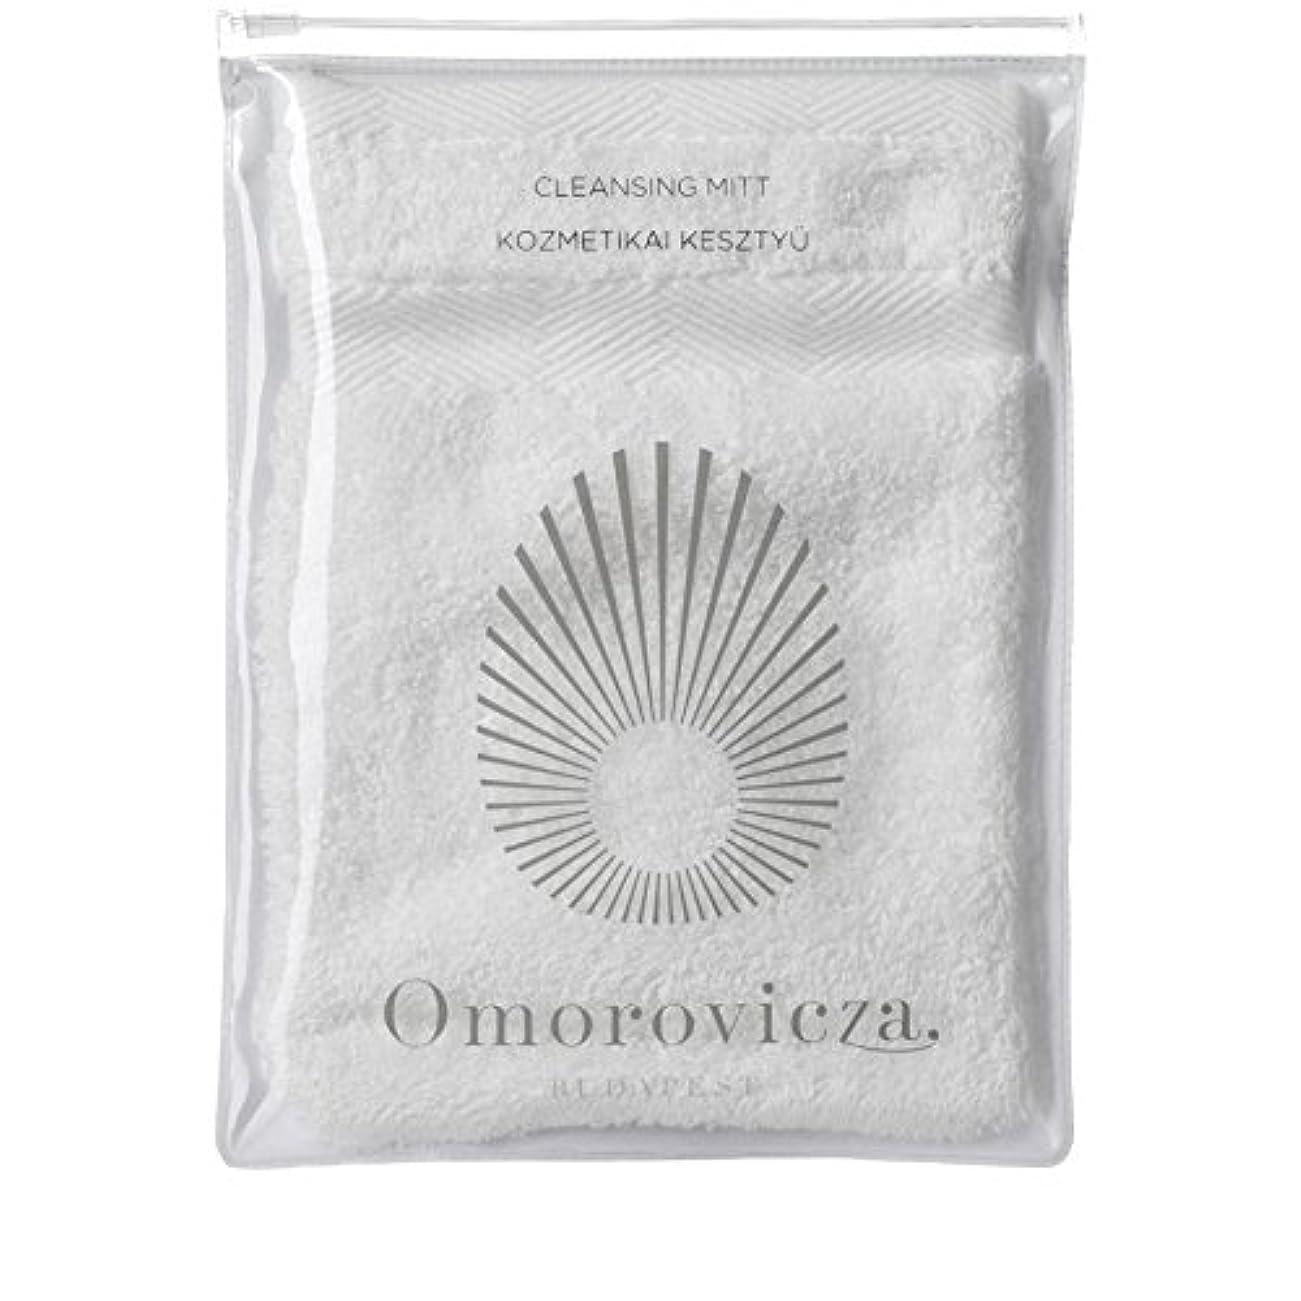 薬局微弱町クレンジング顔のミット、 x2 - Omorovicza Cleansing Facial Mitt, Omorovicza (Pack of 2) [並行輸入品]